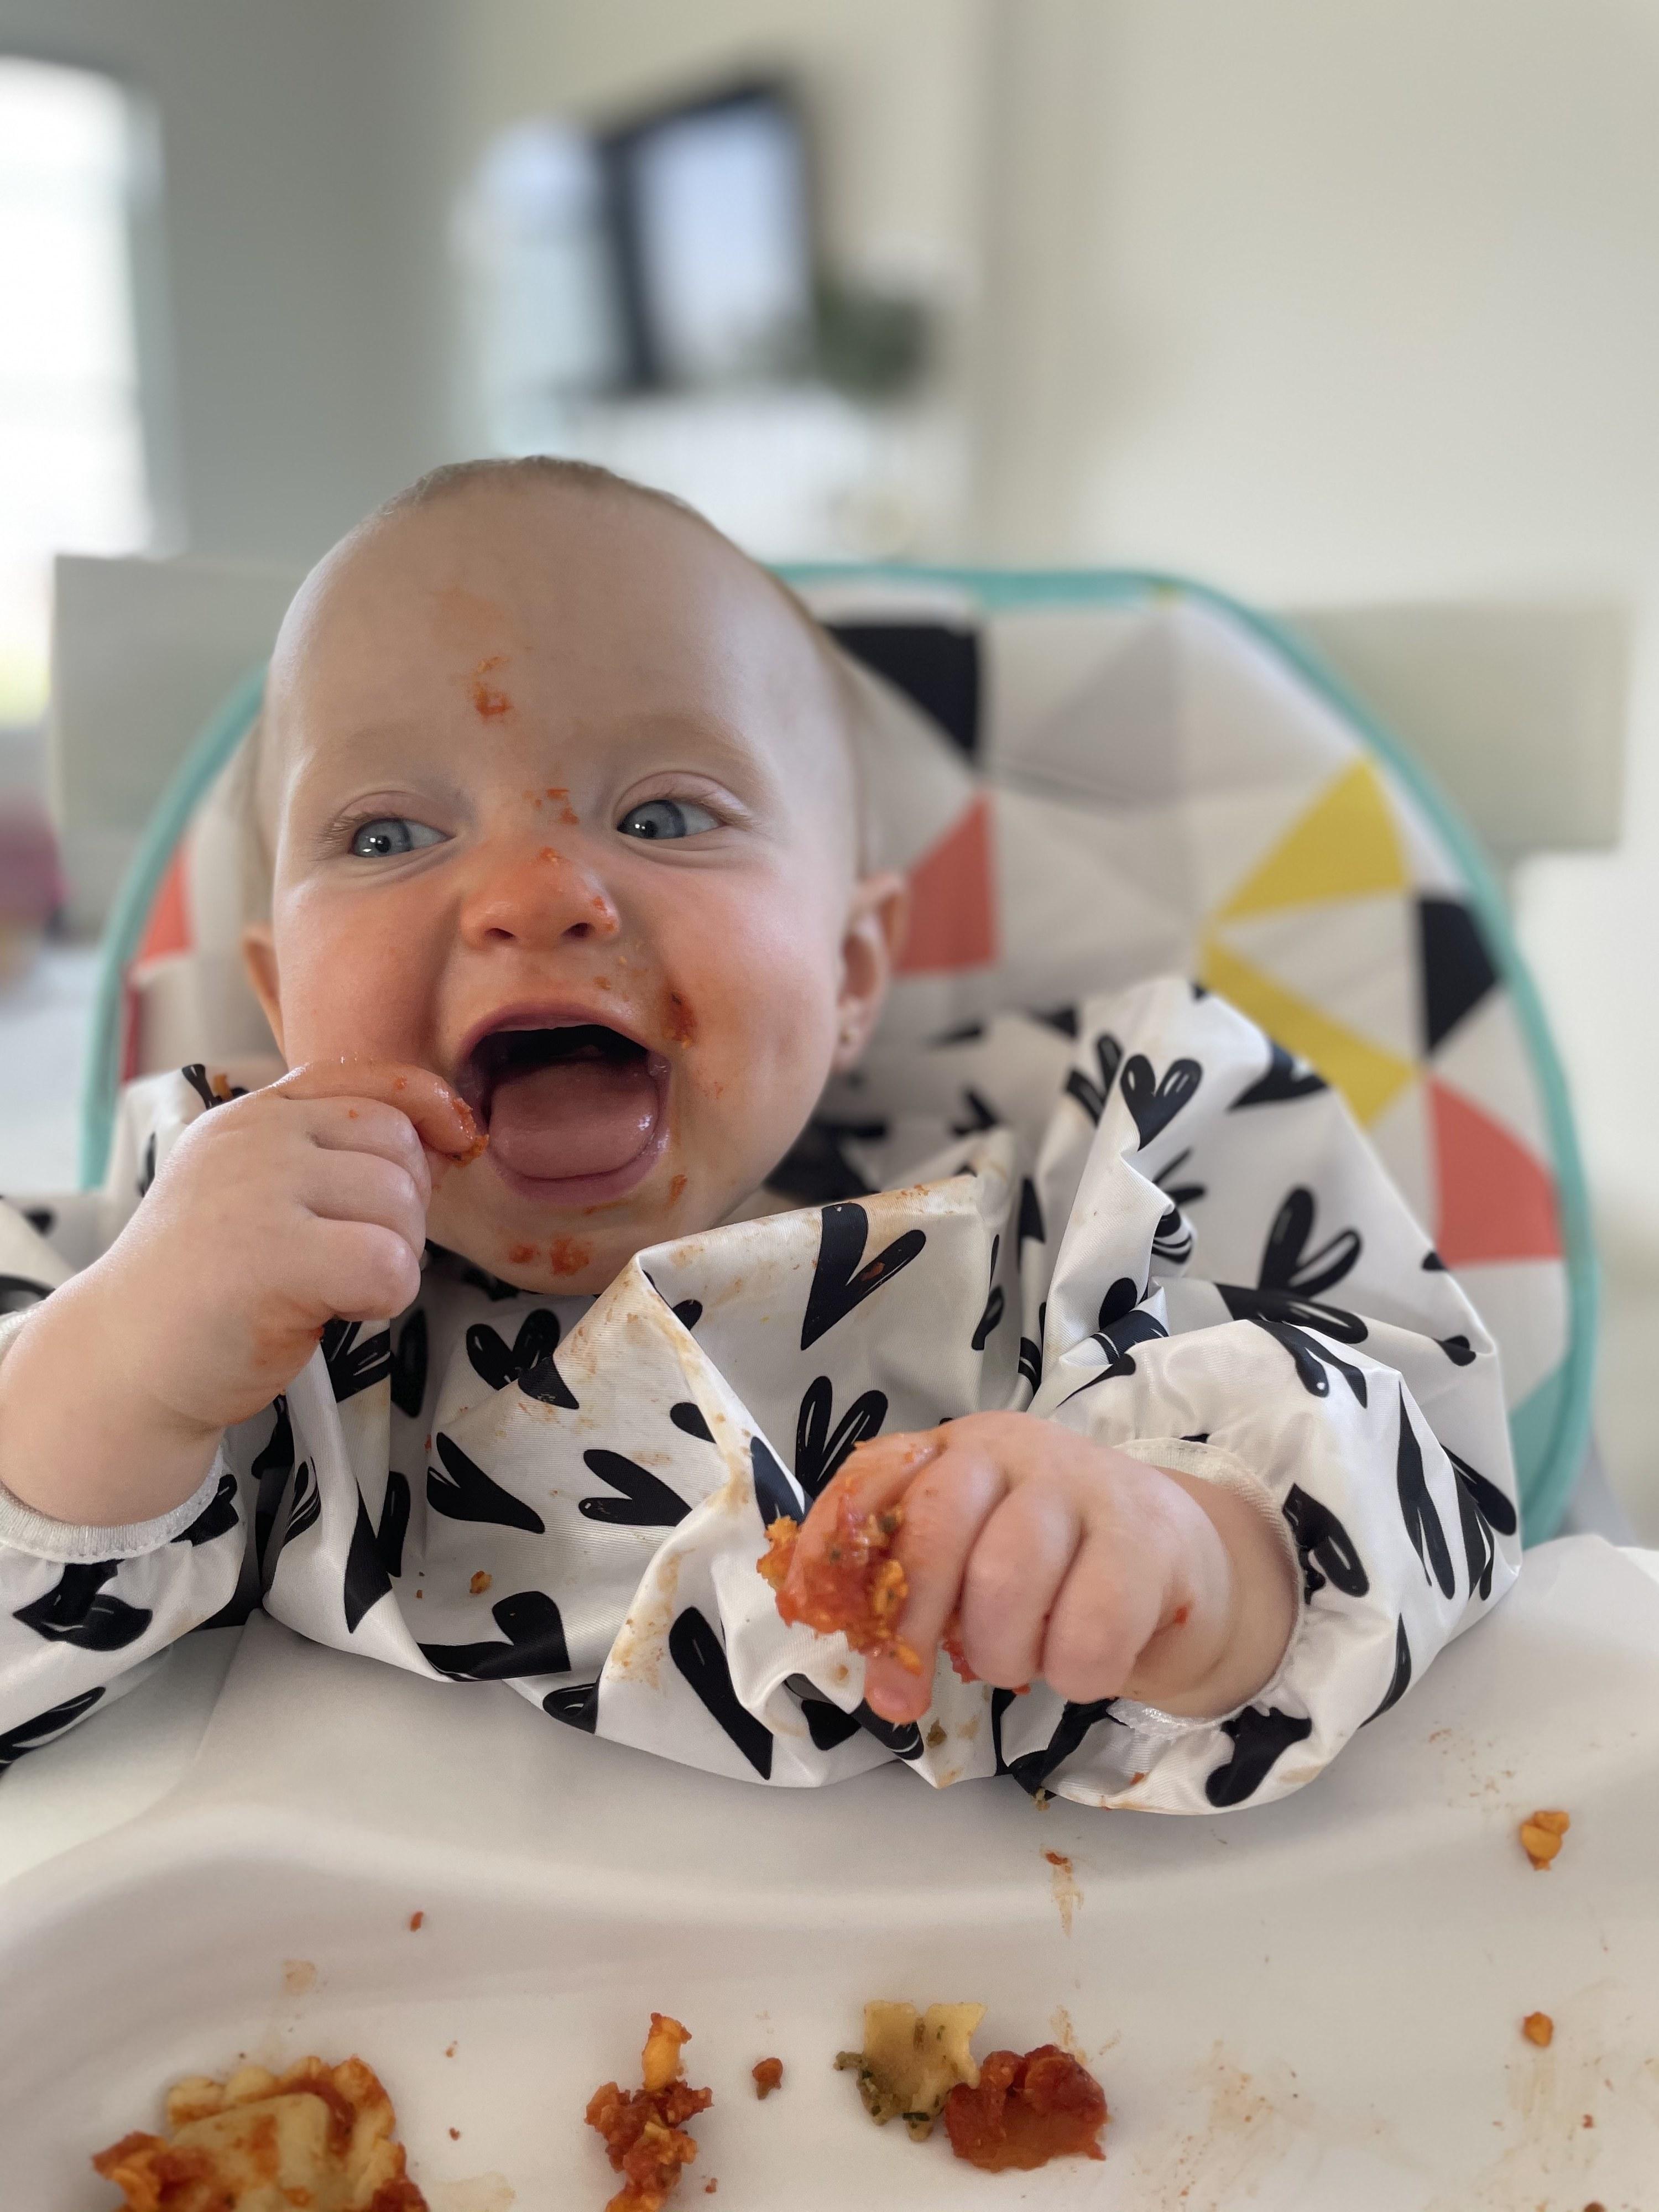 The author's youngest kid enjoying ravioli